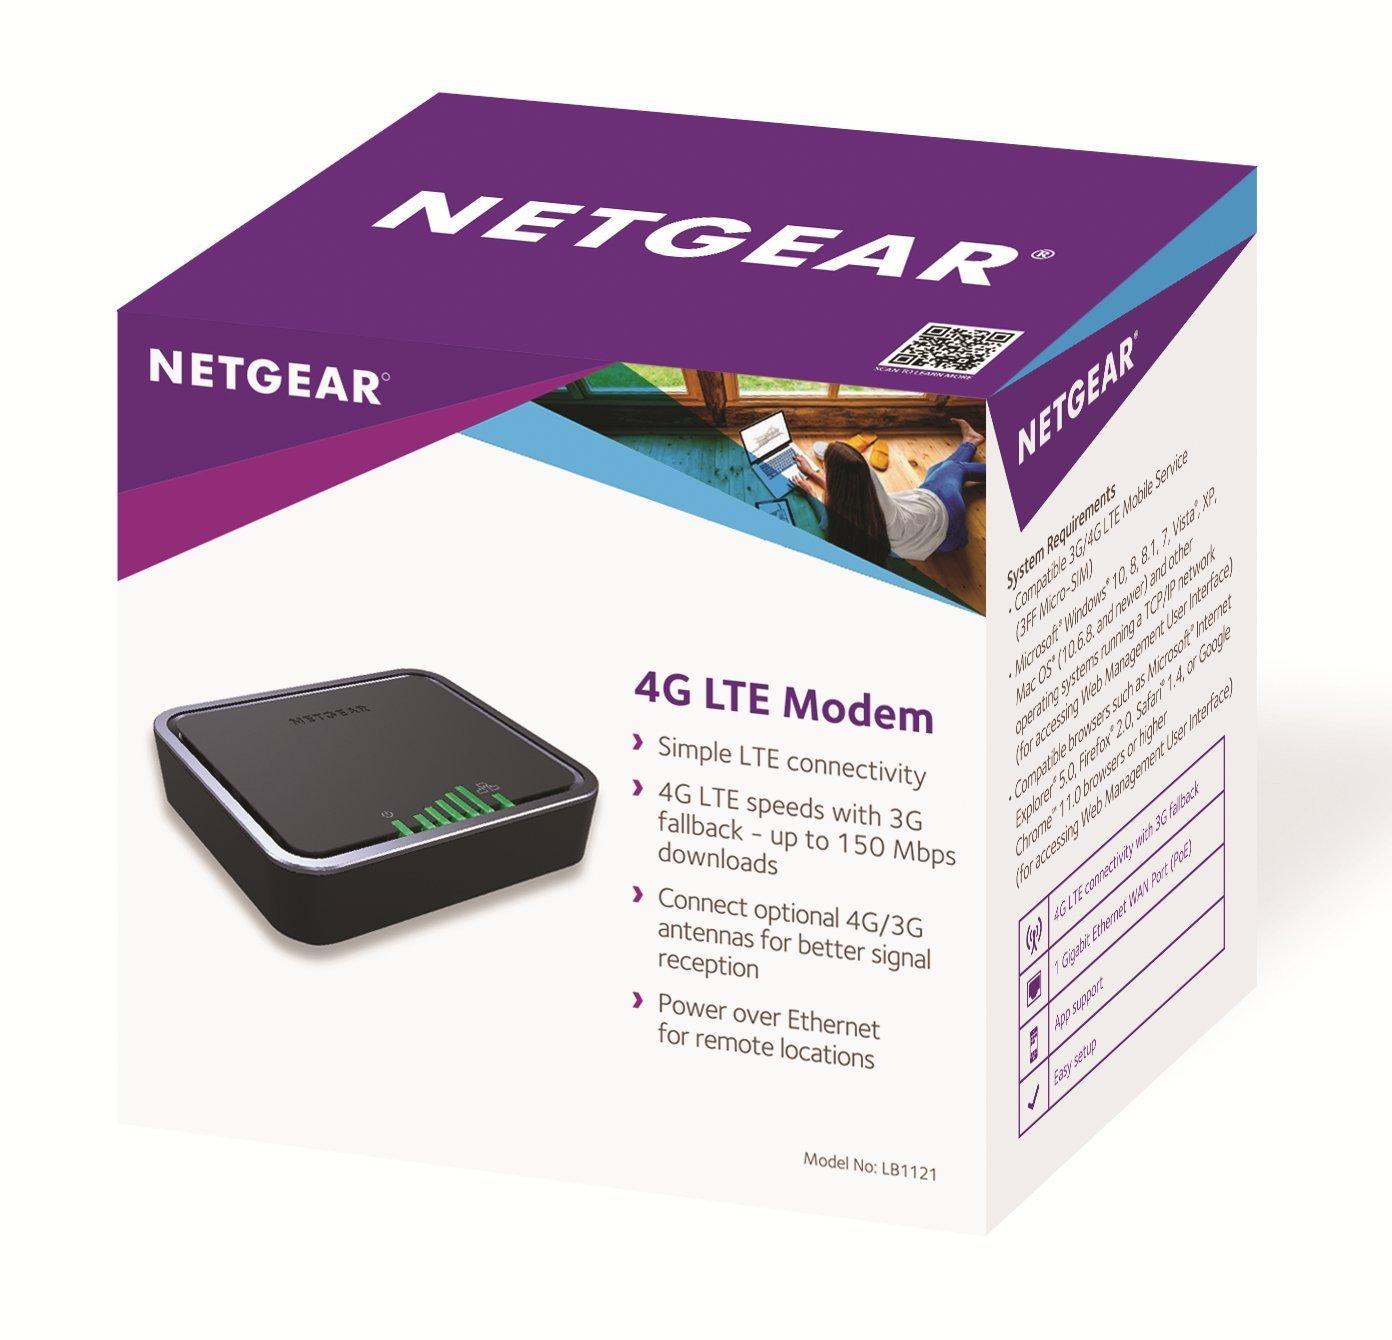 NETGEAR LB1121 4G LTE Modem